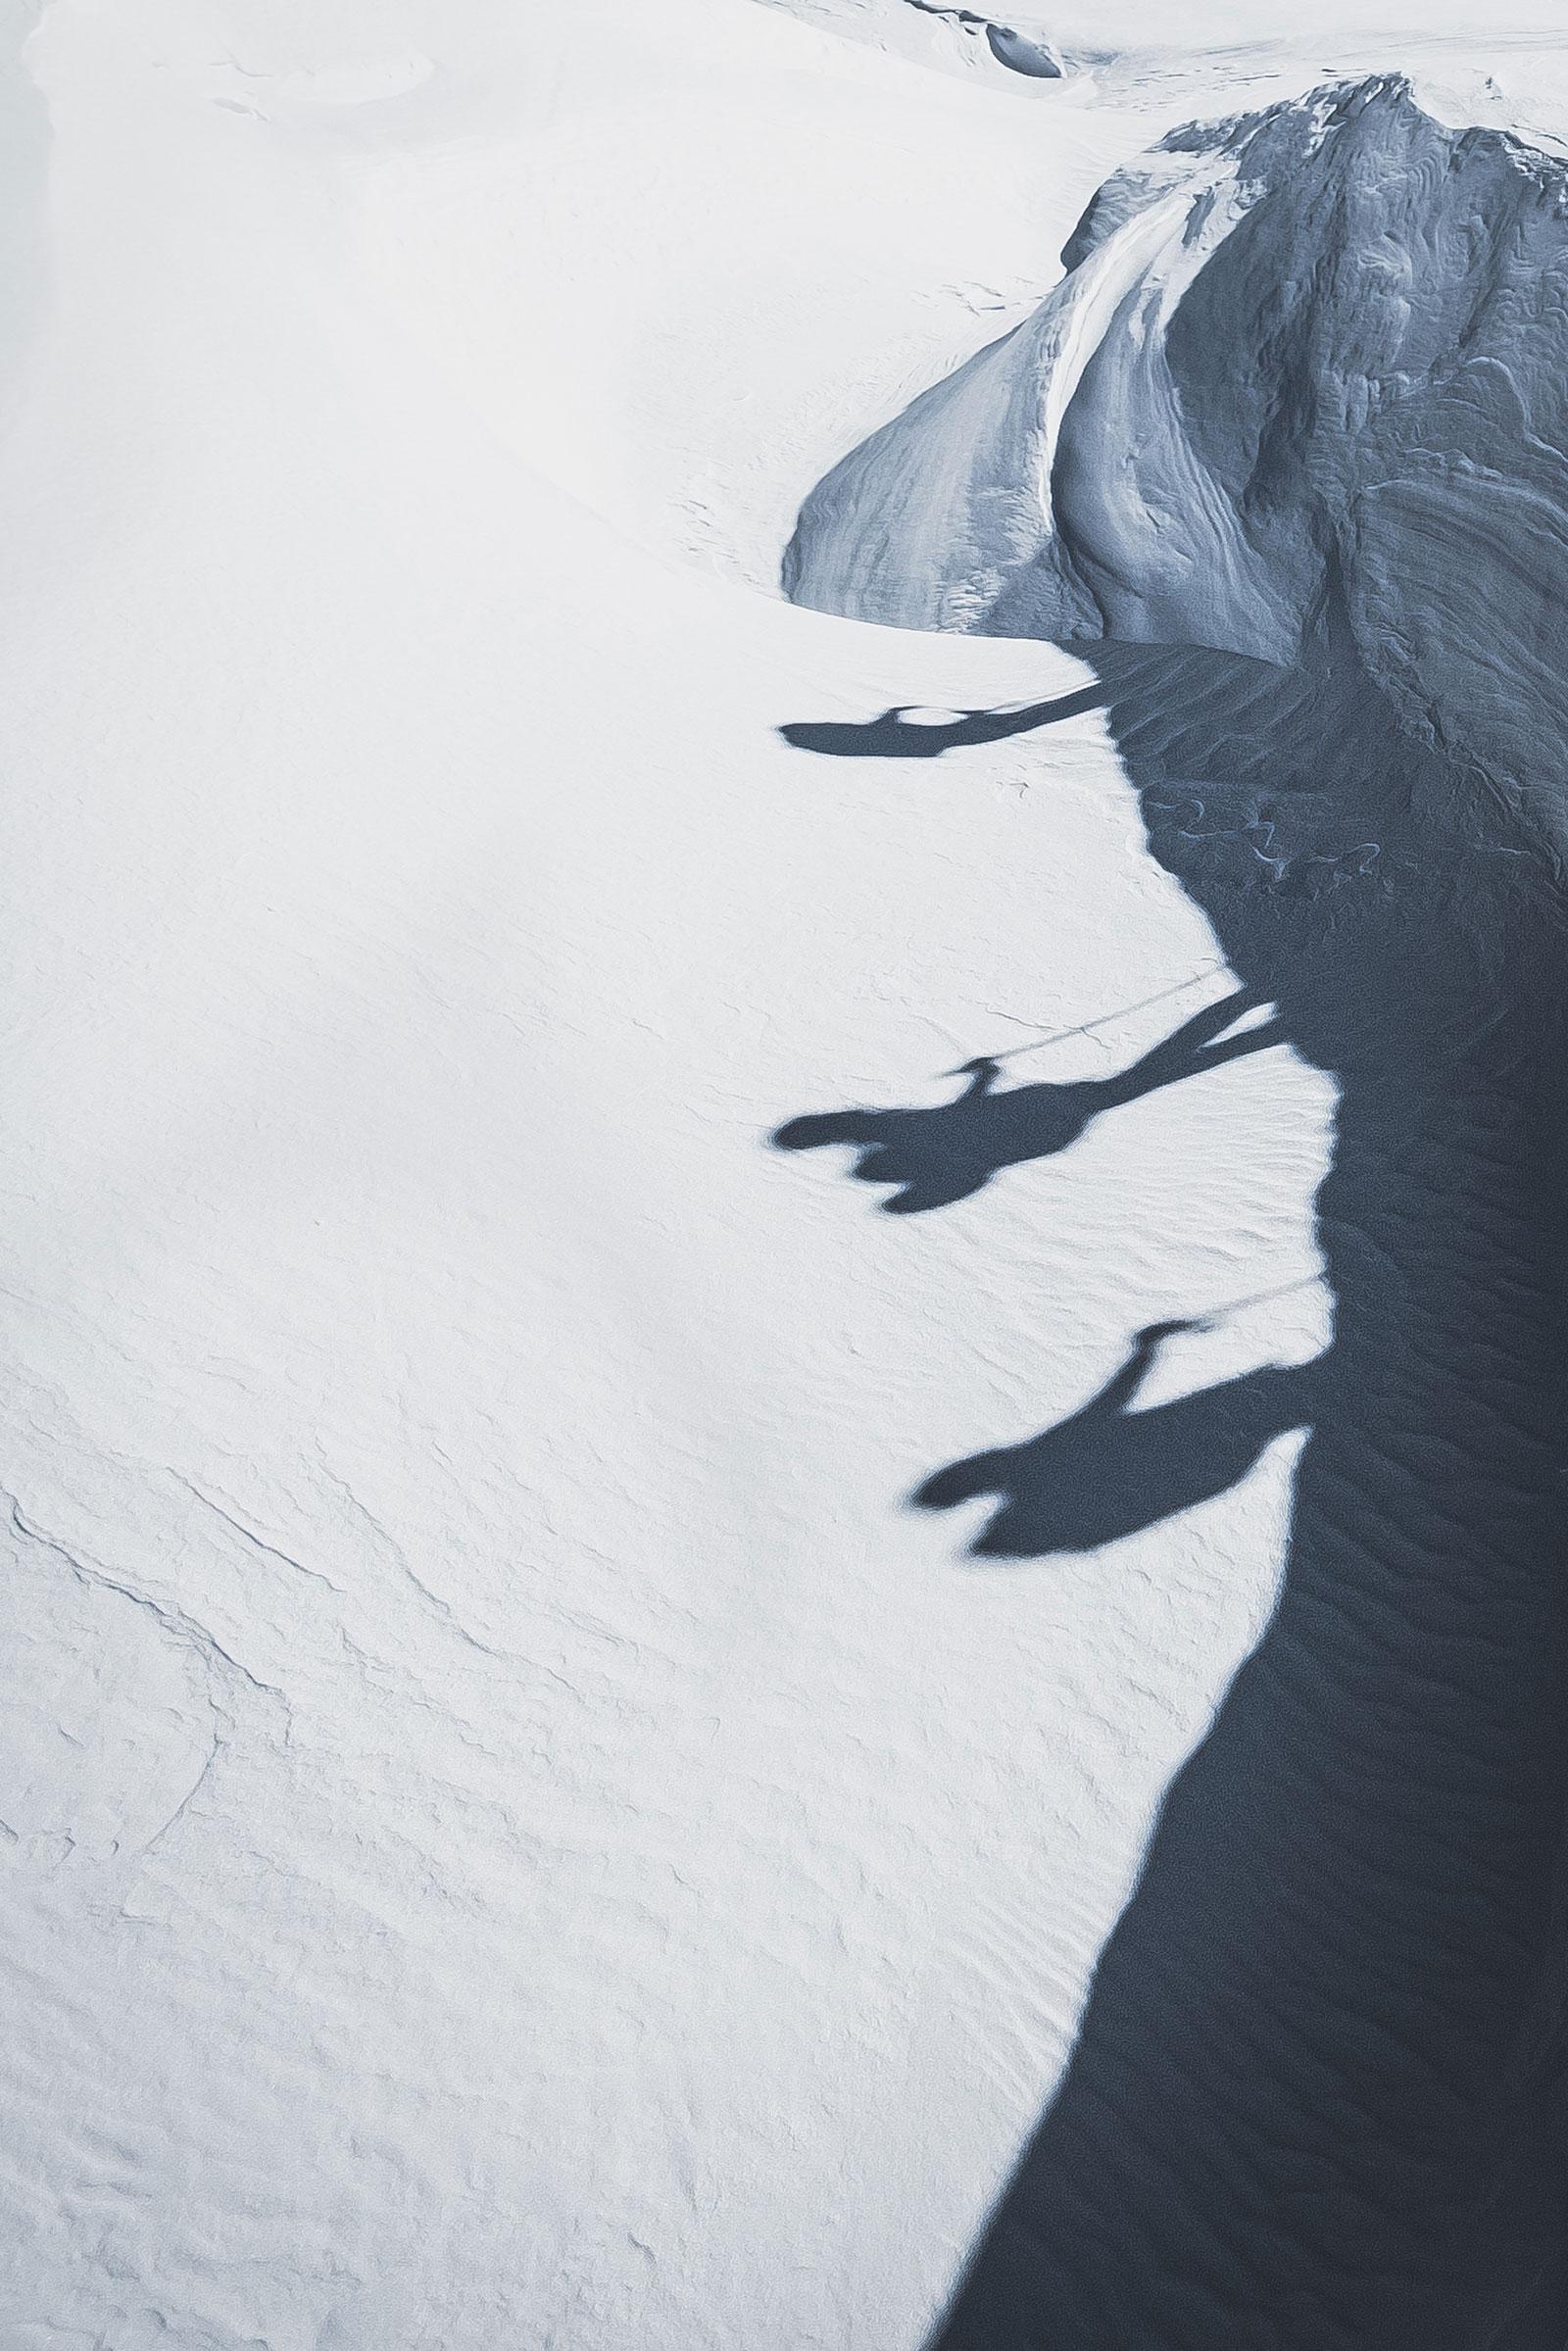 Schatten. Skitour in den Dolomiten | Pauli Trenkwalder, Berge & Psychologie